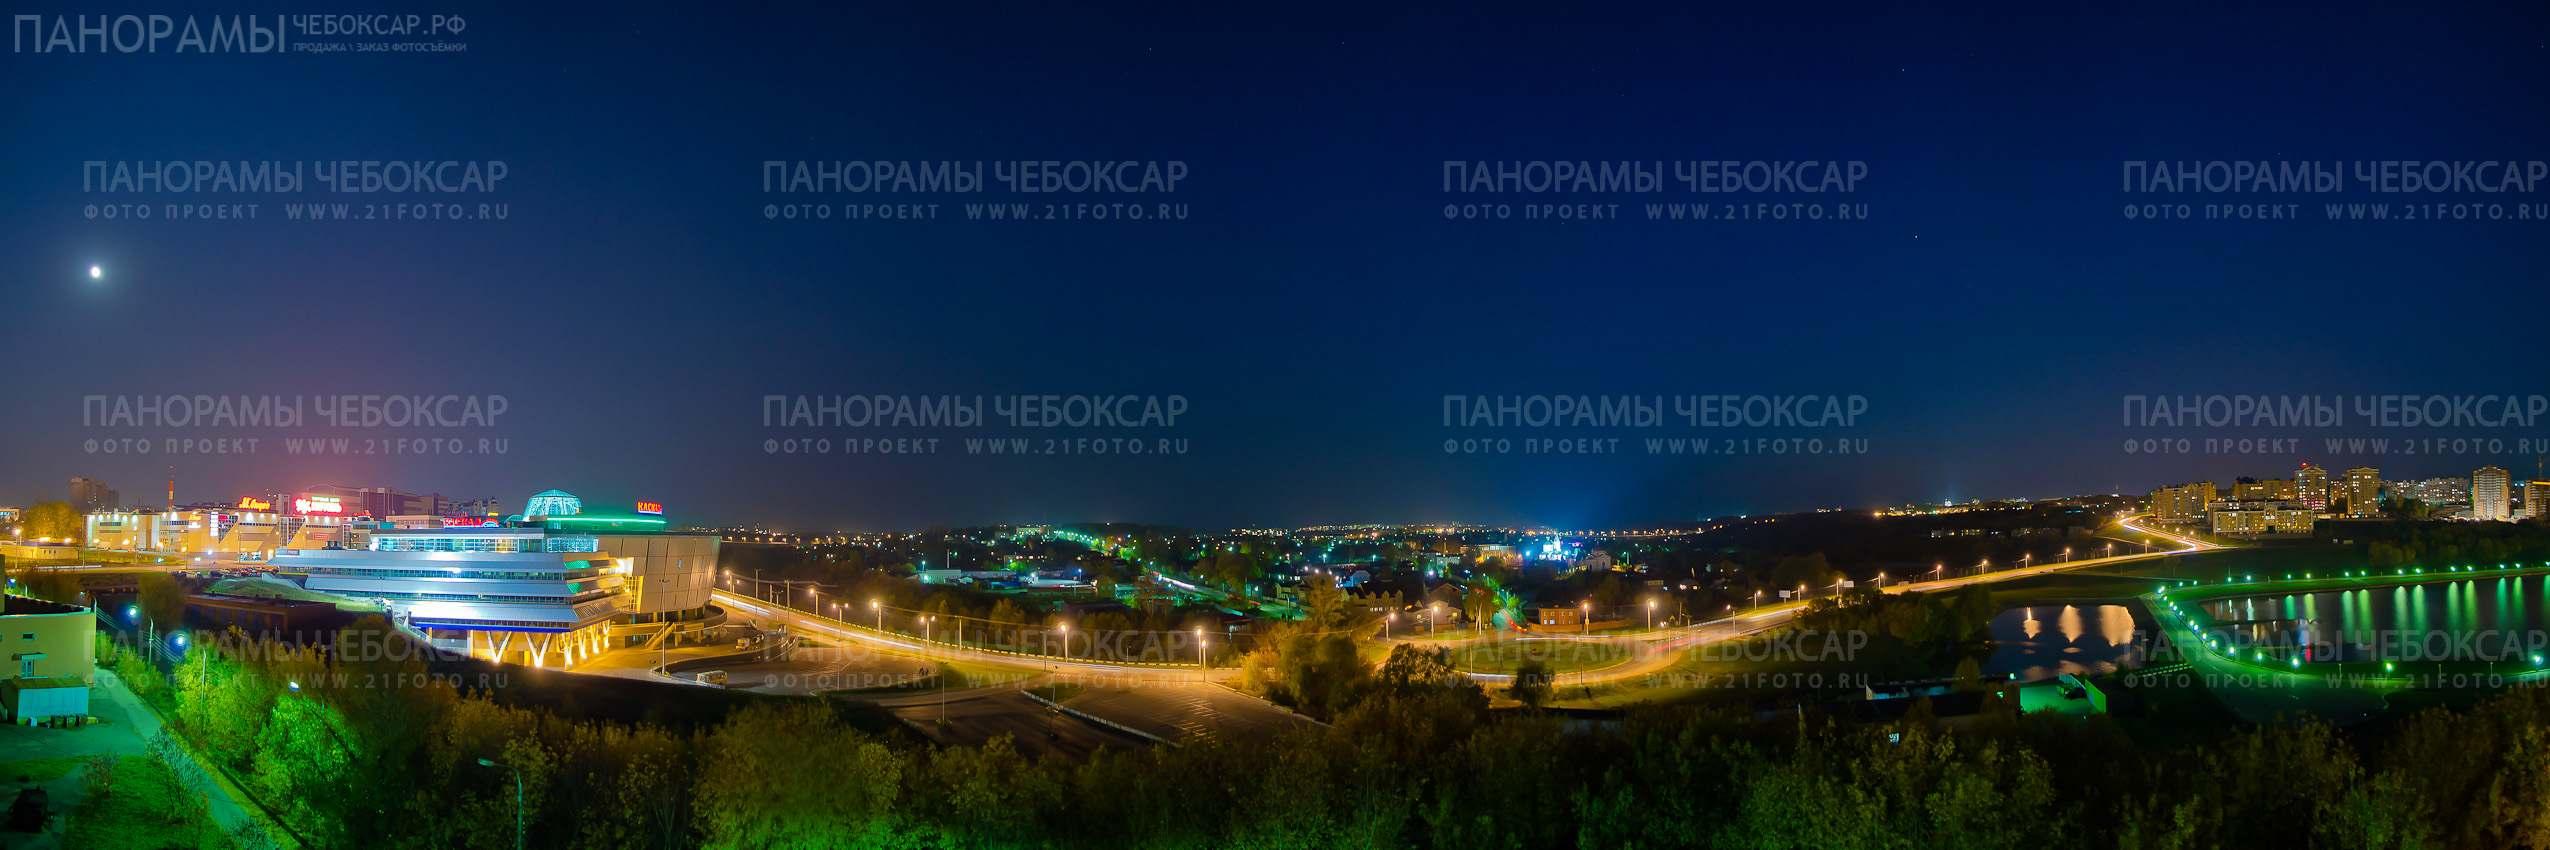 Вечерний Президентский бульвар в Чебоксарах